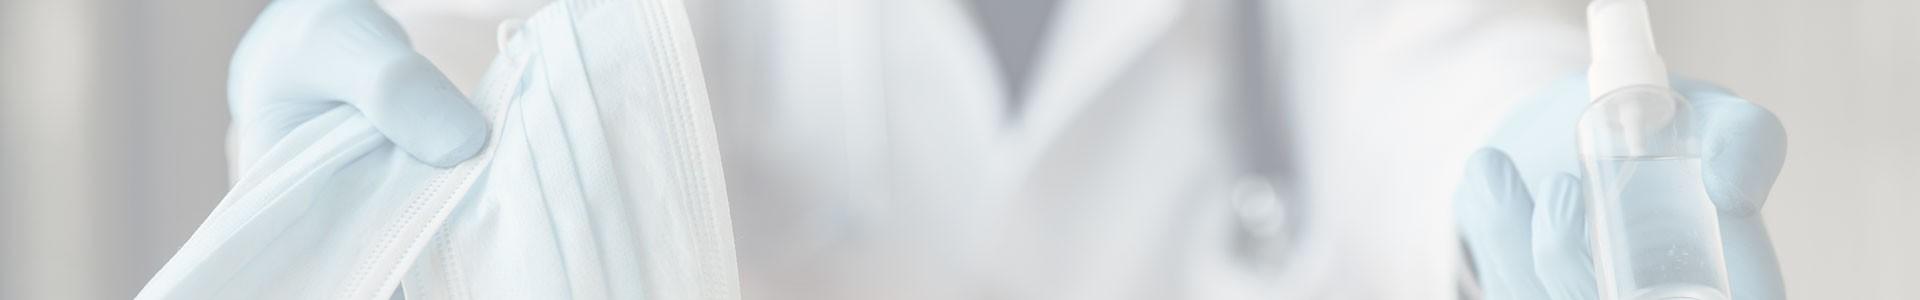 Maseczki antywirusowe wielokrotnego użytku, maseczki z jonami srebra.